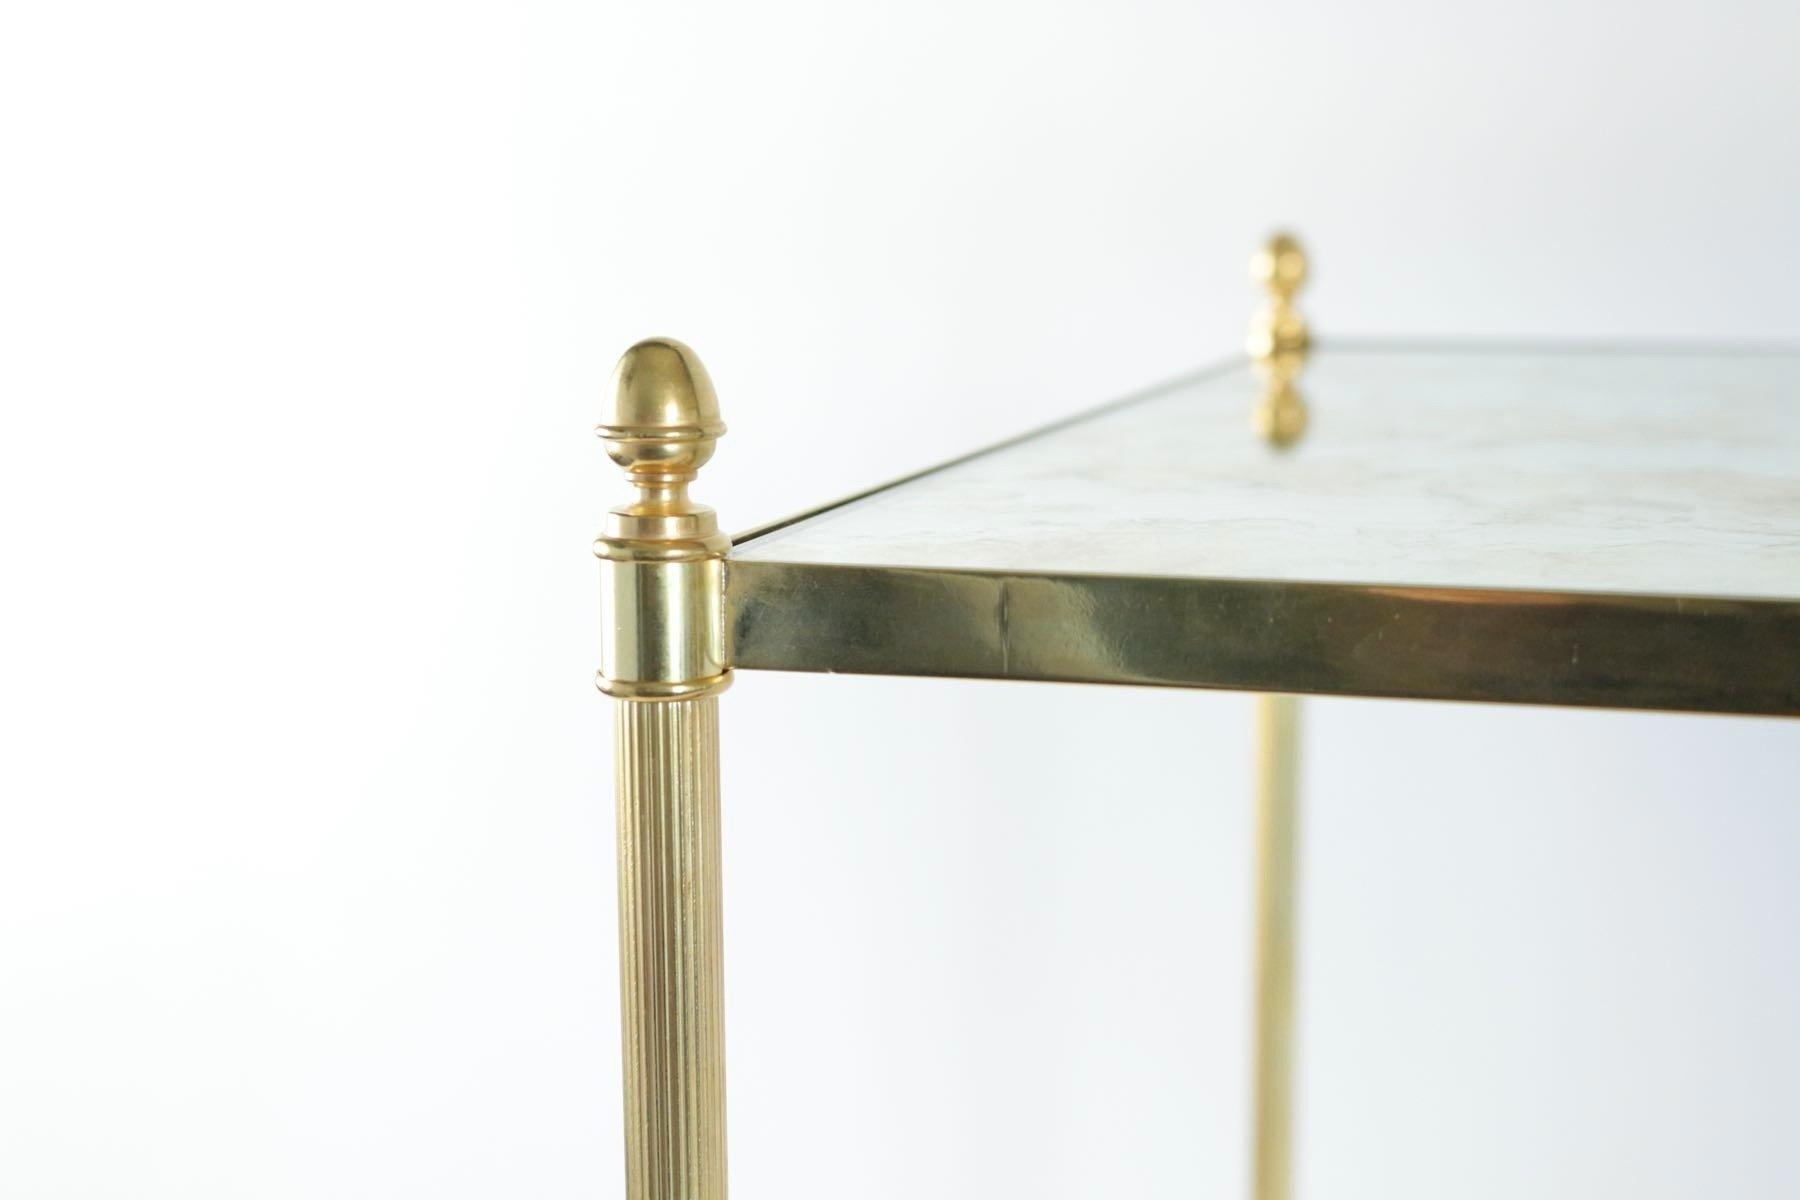 Tables d appoint vintage en laiton dor 1970s set de 2 en vente sur pamono - Table d appoint dore ...